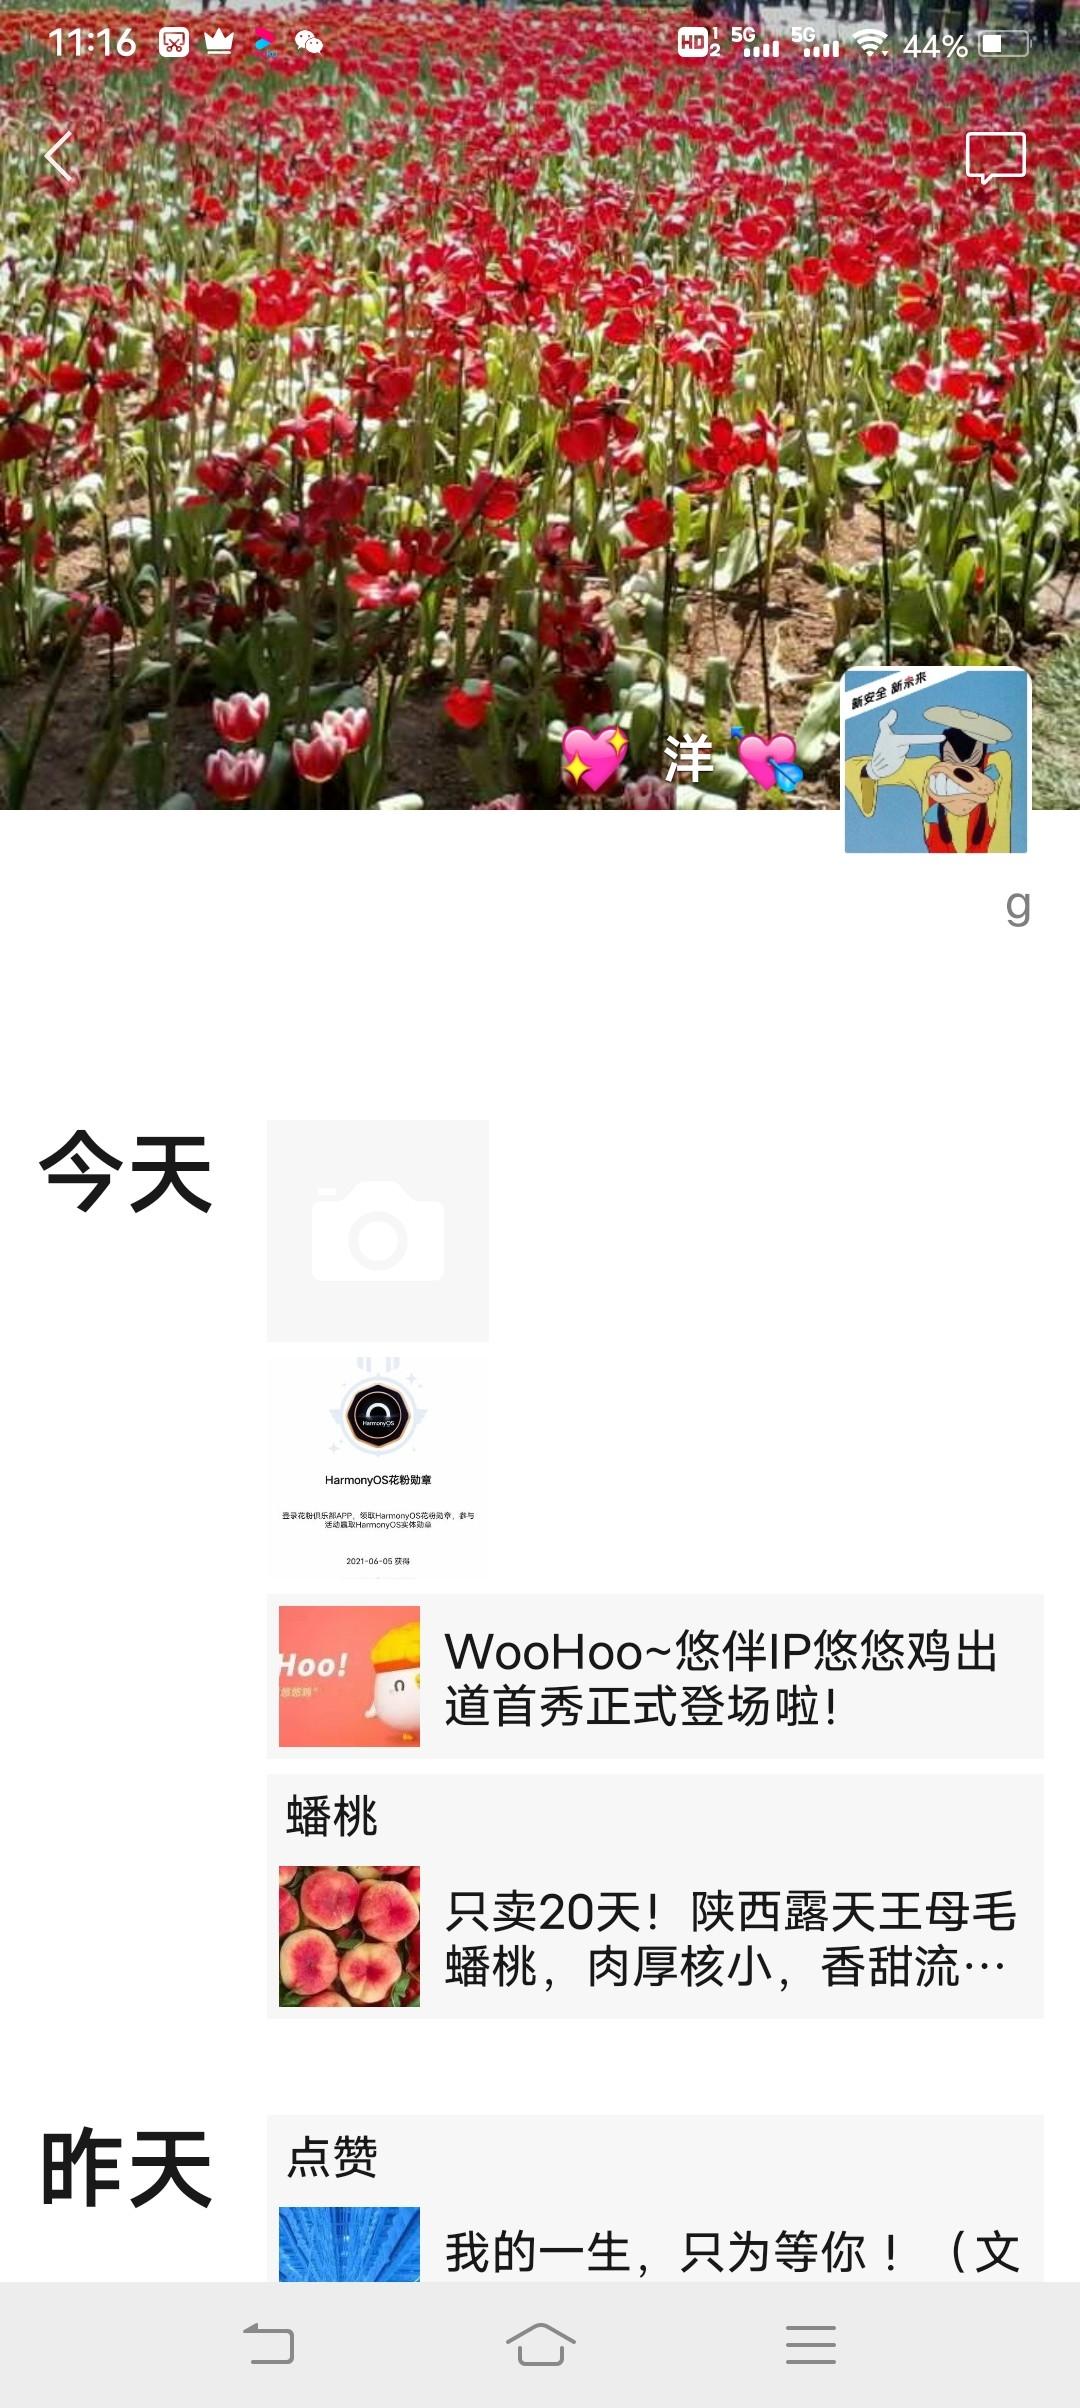 Screenshot_2021_0606_111644.jpg